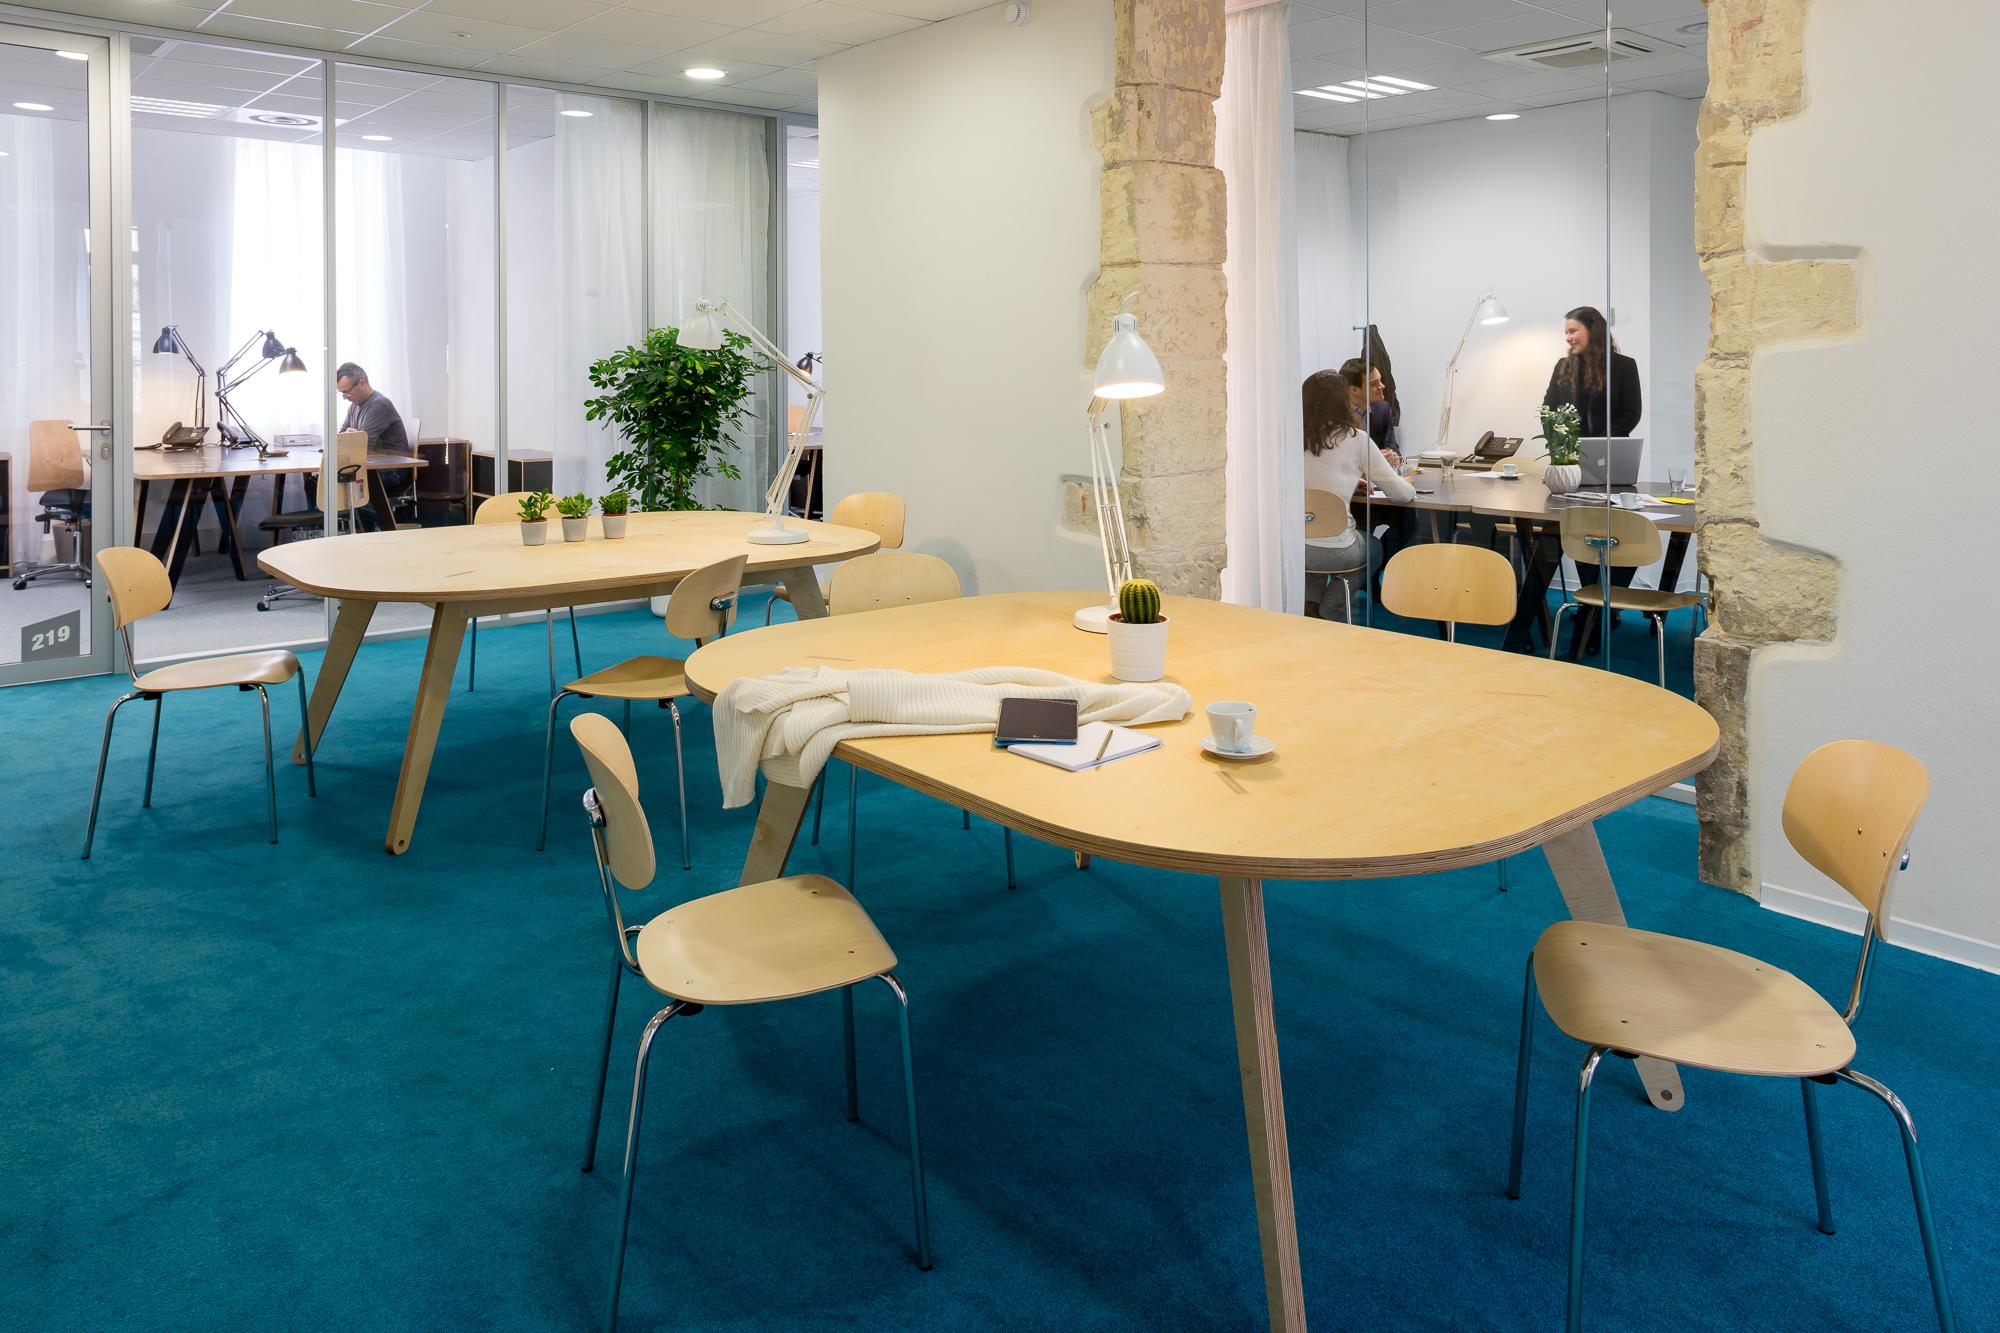 Espace de travail informel, en arrière plan une salle de réunion et un bureau - Informal coworking space with a meeting room and office in the background